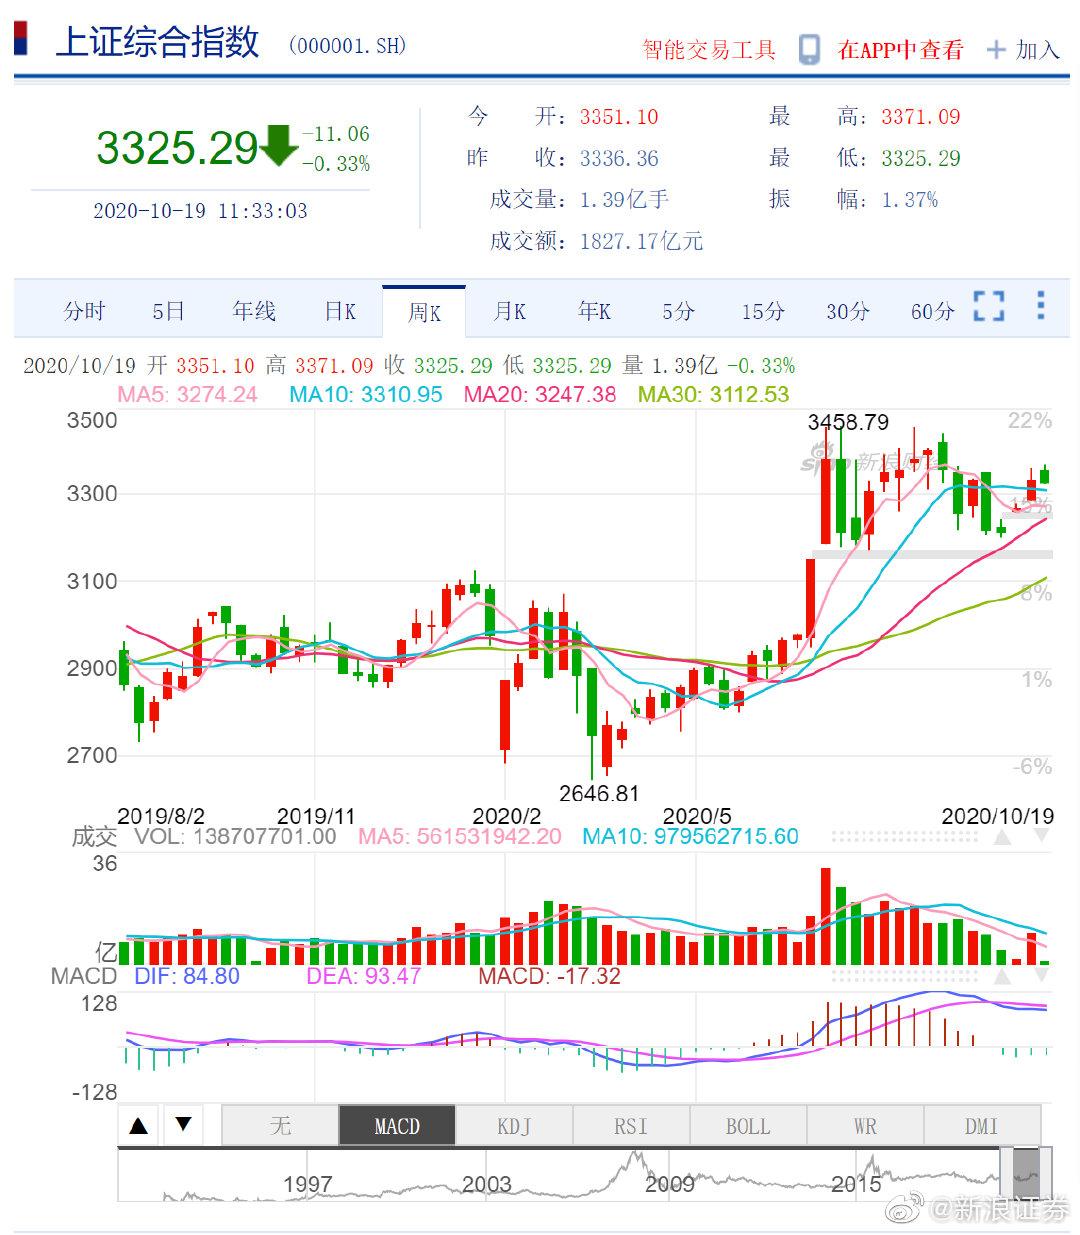 午评:三大指数高开低走沪指跌0.33% 军工股表现强势